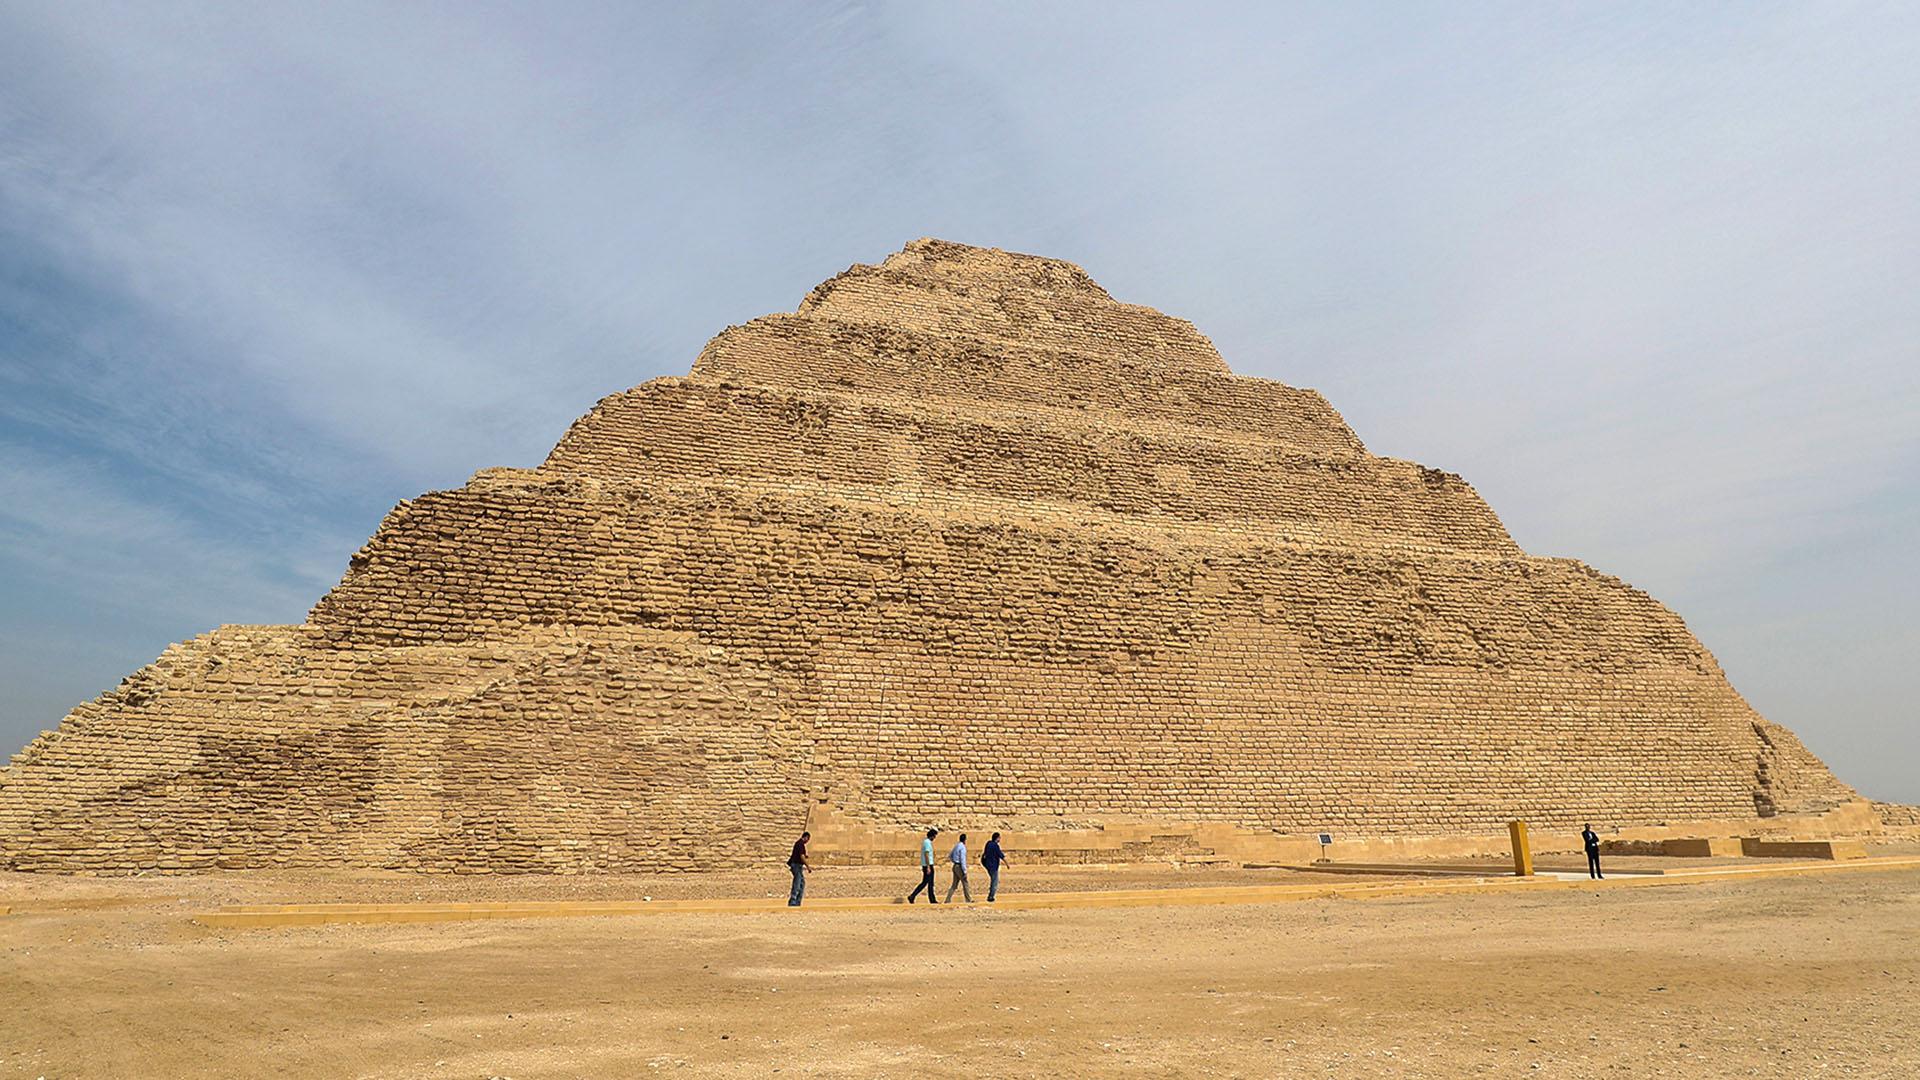 Una vista general muestra la pirámide escalonada de Djoser en la necrópolis Saqqara de Egipto, al sur de la capital, El Cairo. (AFP)